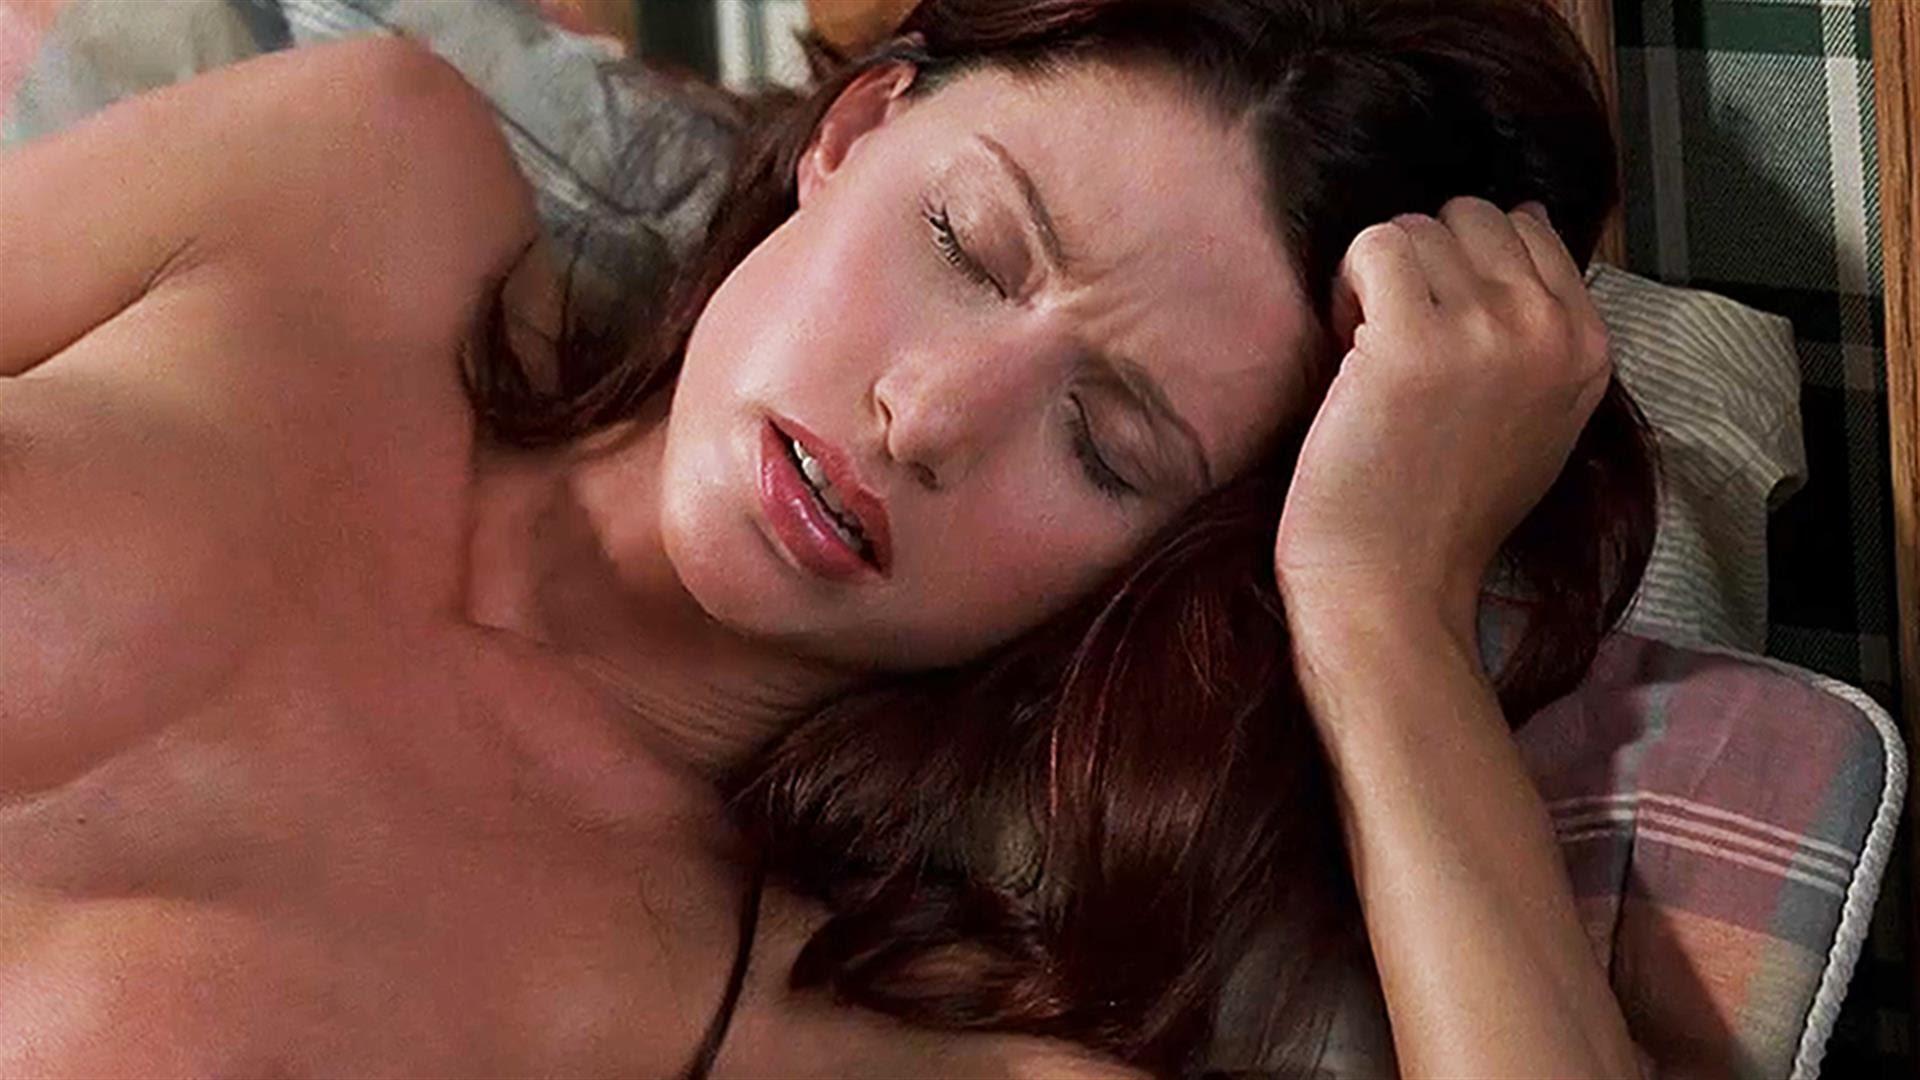 Самые обсуждаемые обнаженные сцены в кино Шэннон Элизабет, Американский пирог